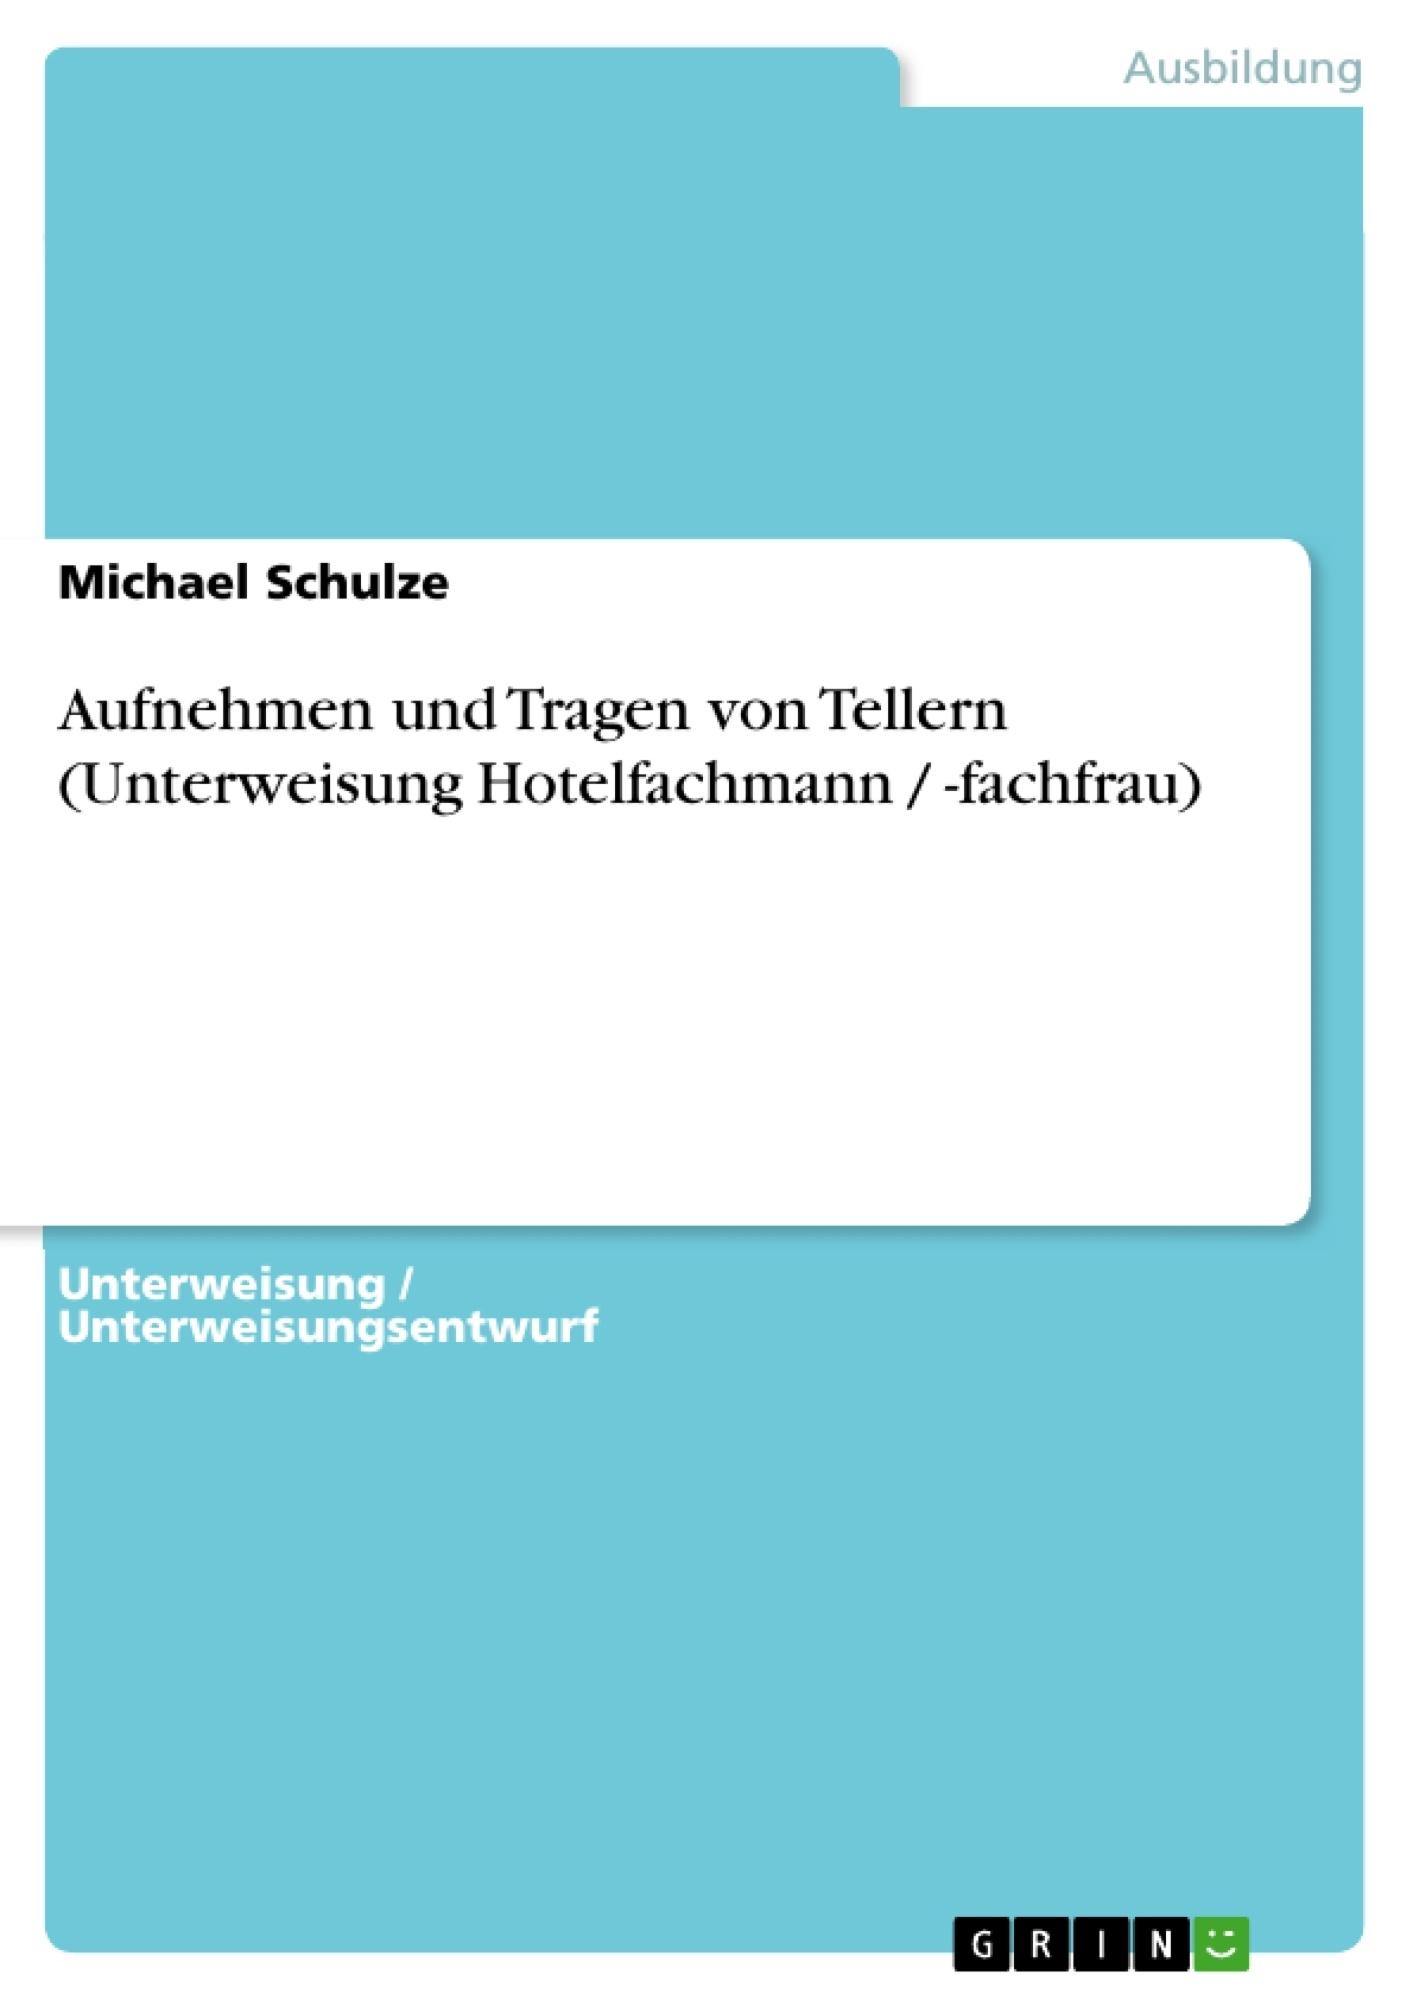 Titel: Aufnehmen und Tragen von Tellern (Unterweisung Hotelfachmann / -fachfrau)